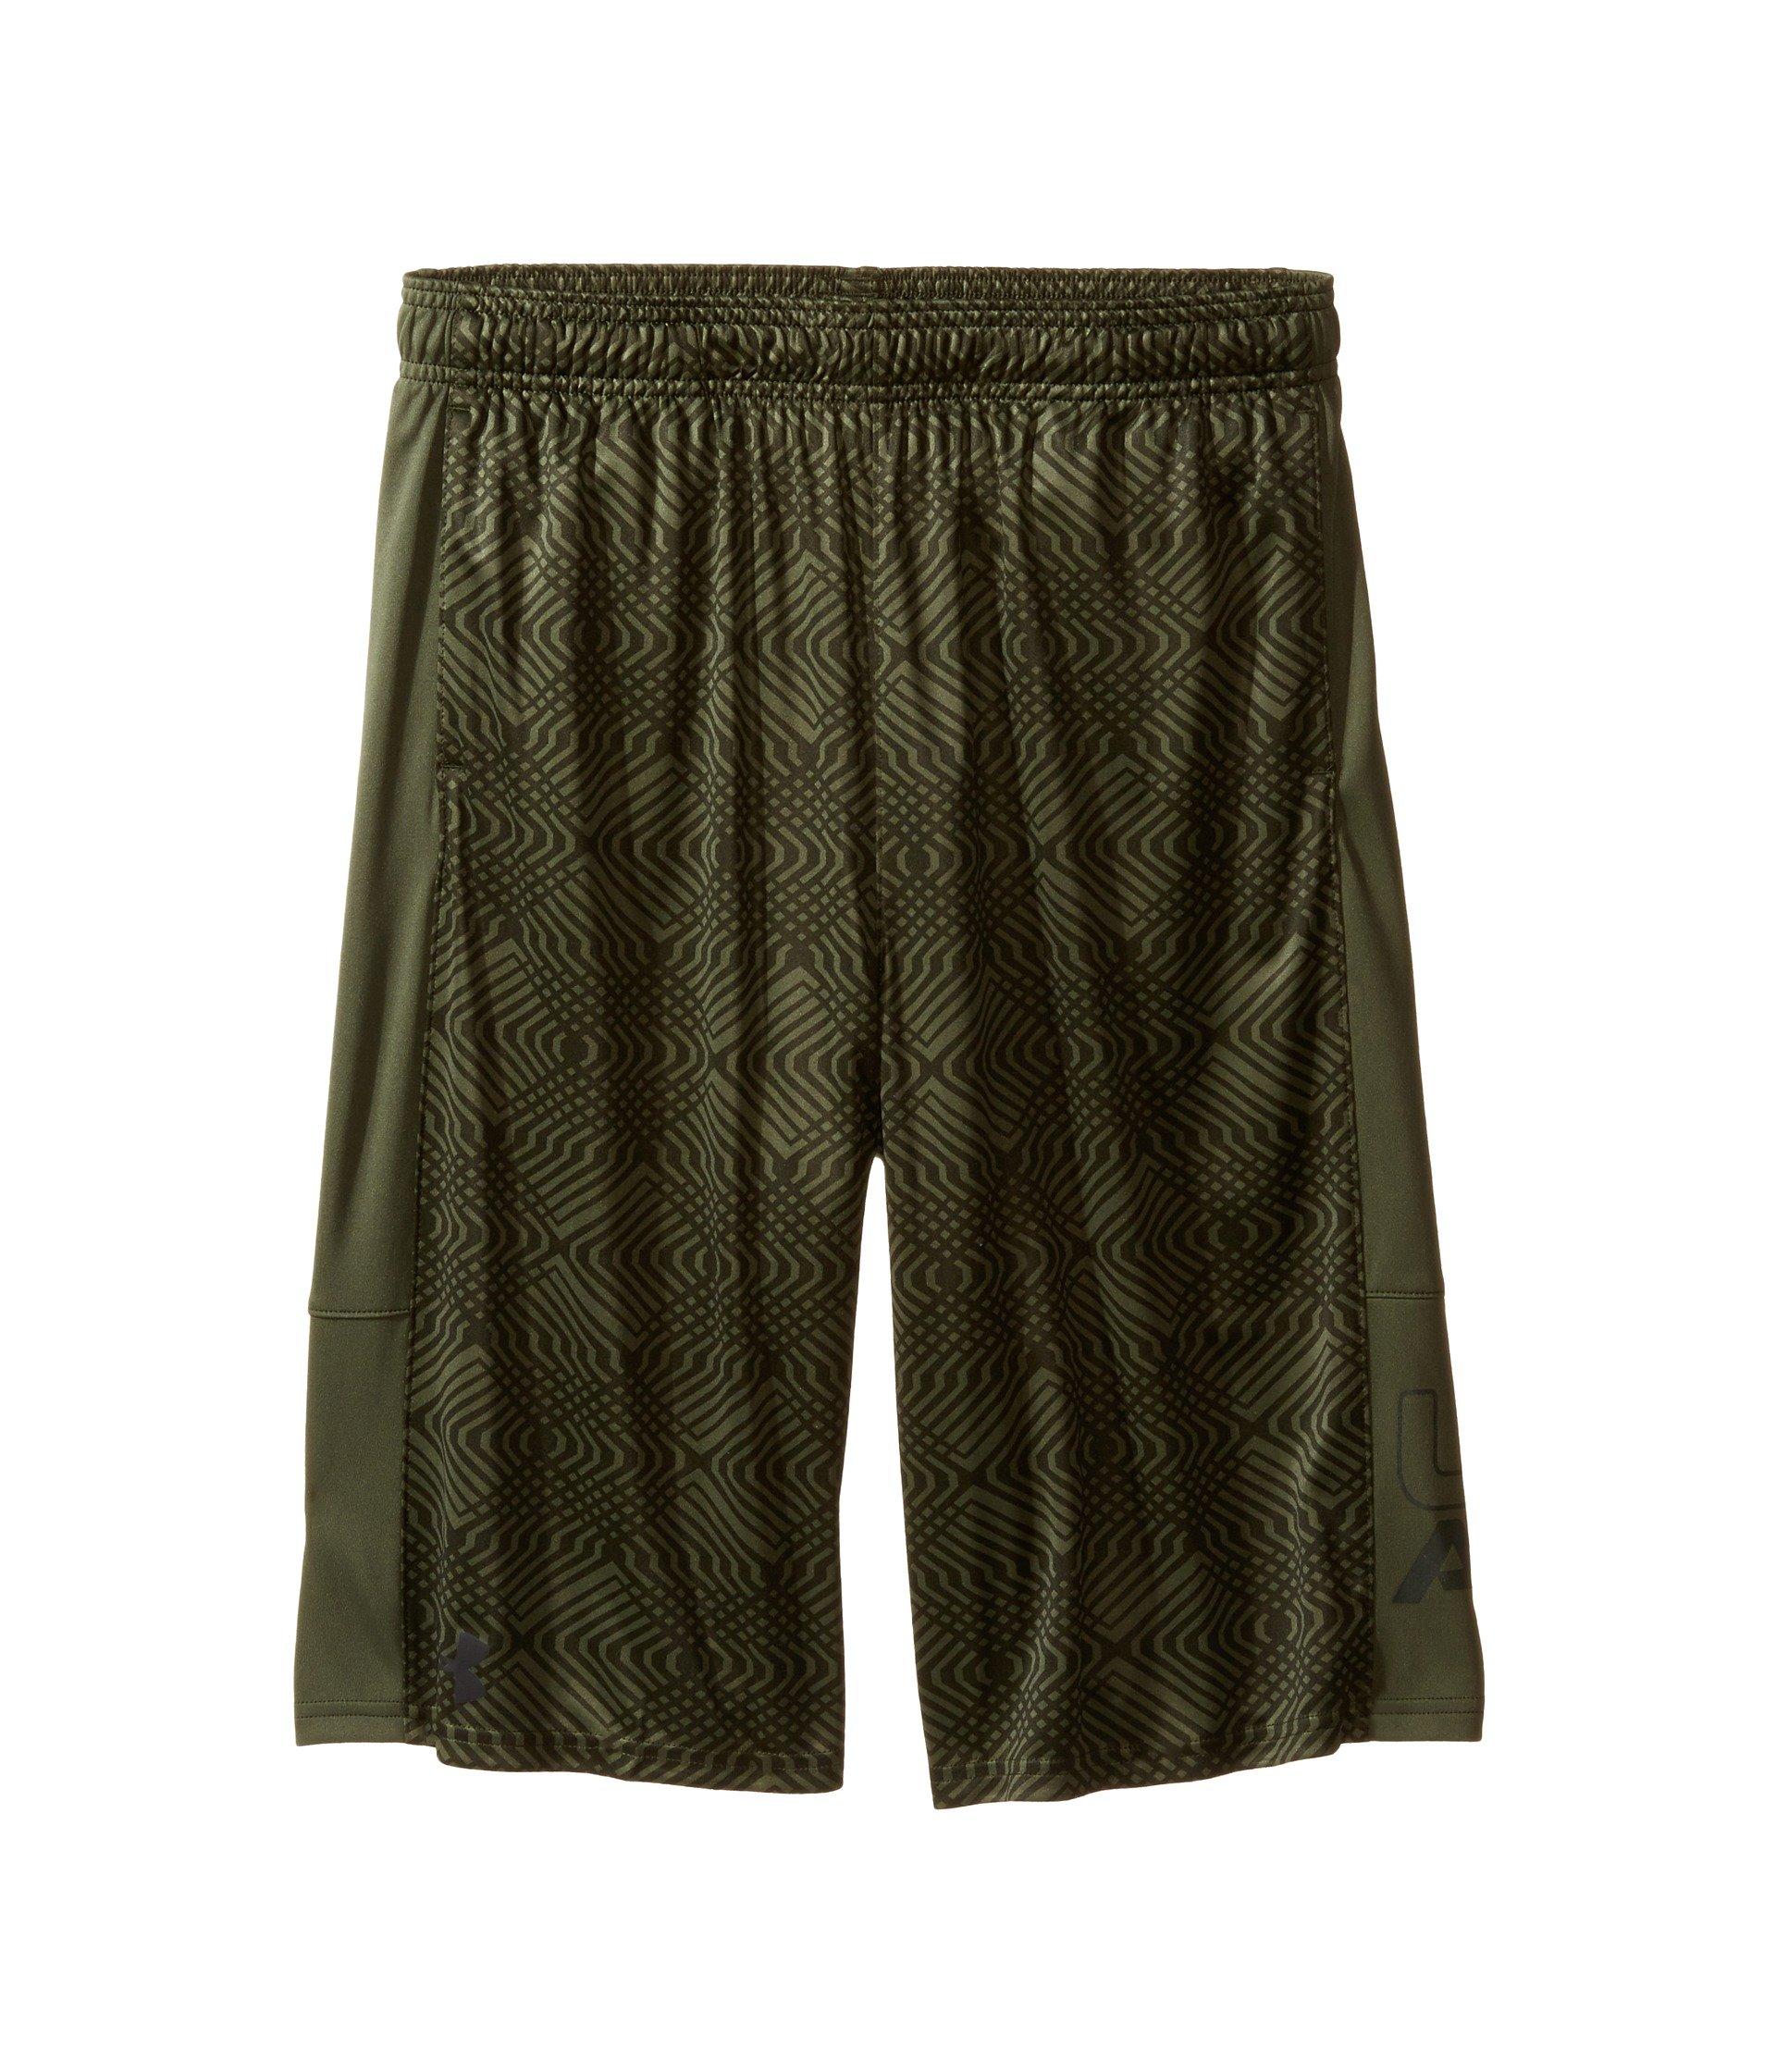 Under Armour Kids Boy's Instinct Printed Shorts (Big Kids) Downtown Green/Downtown Green Shorts by Under Armour